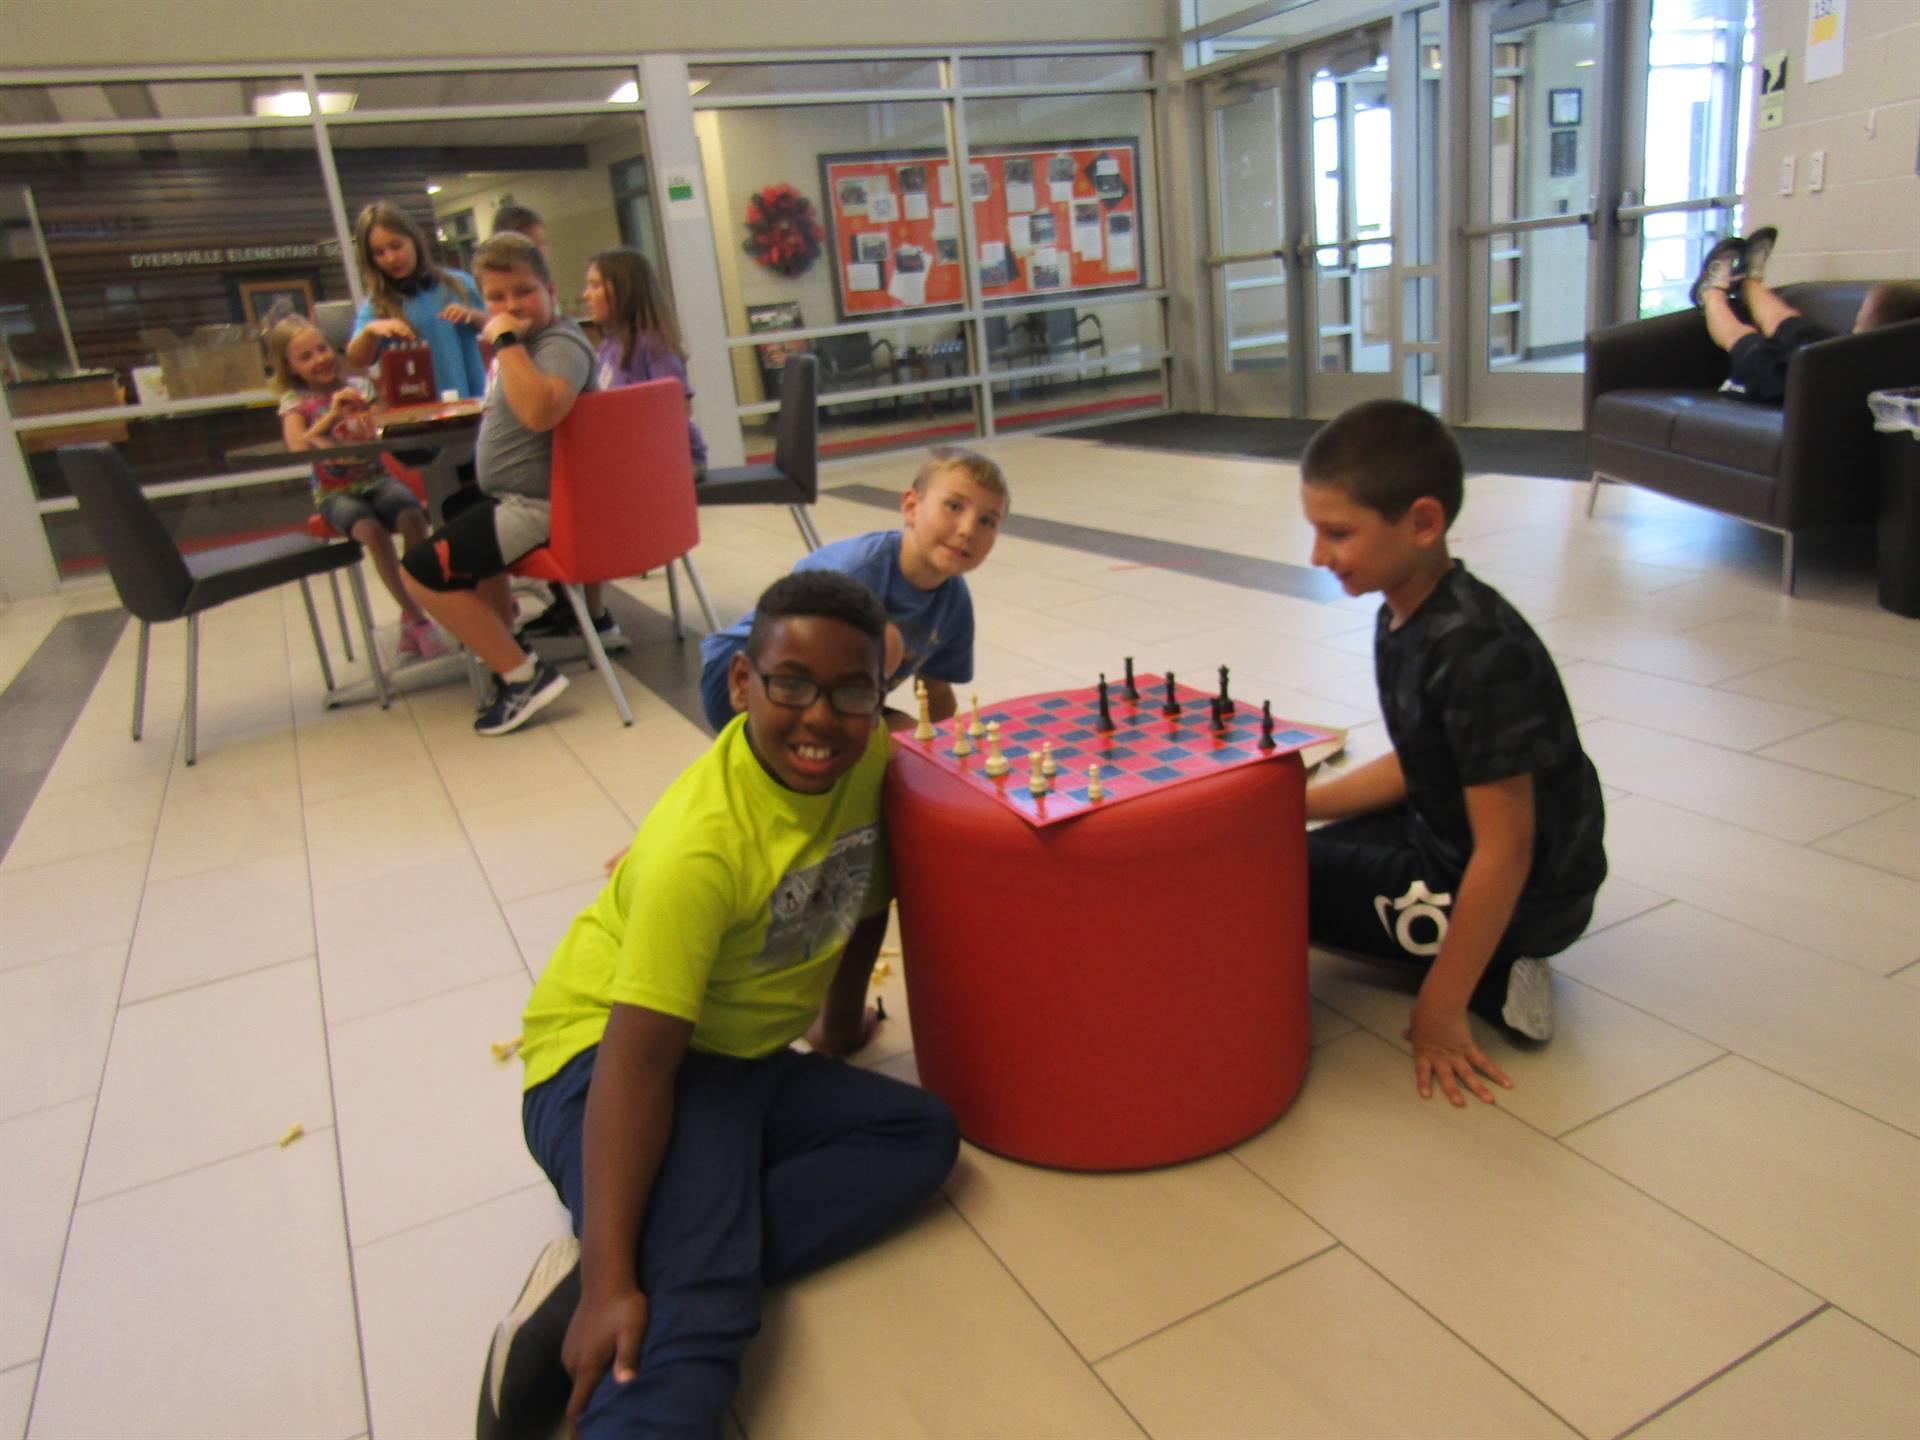 Indoor recess chess